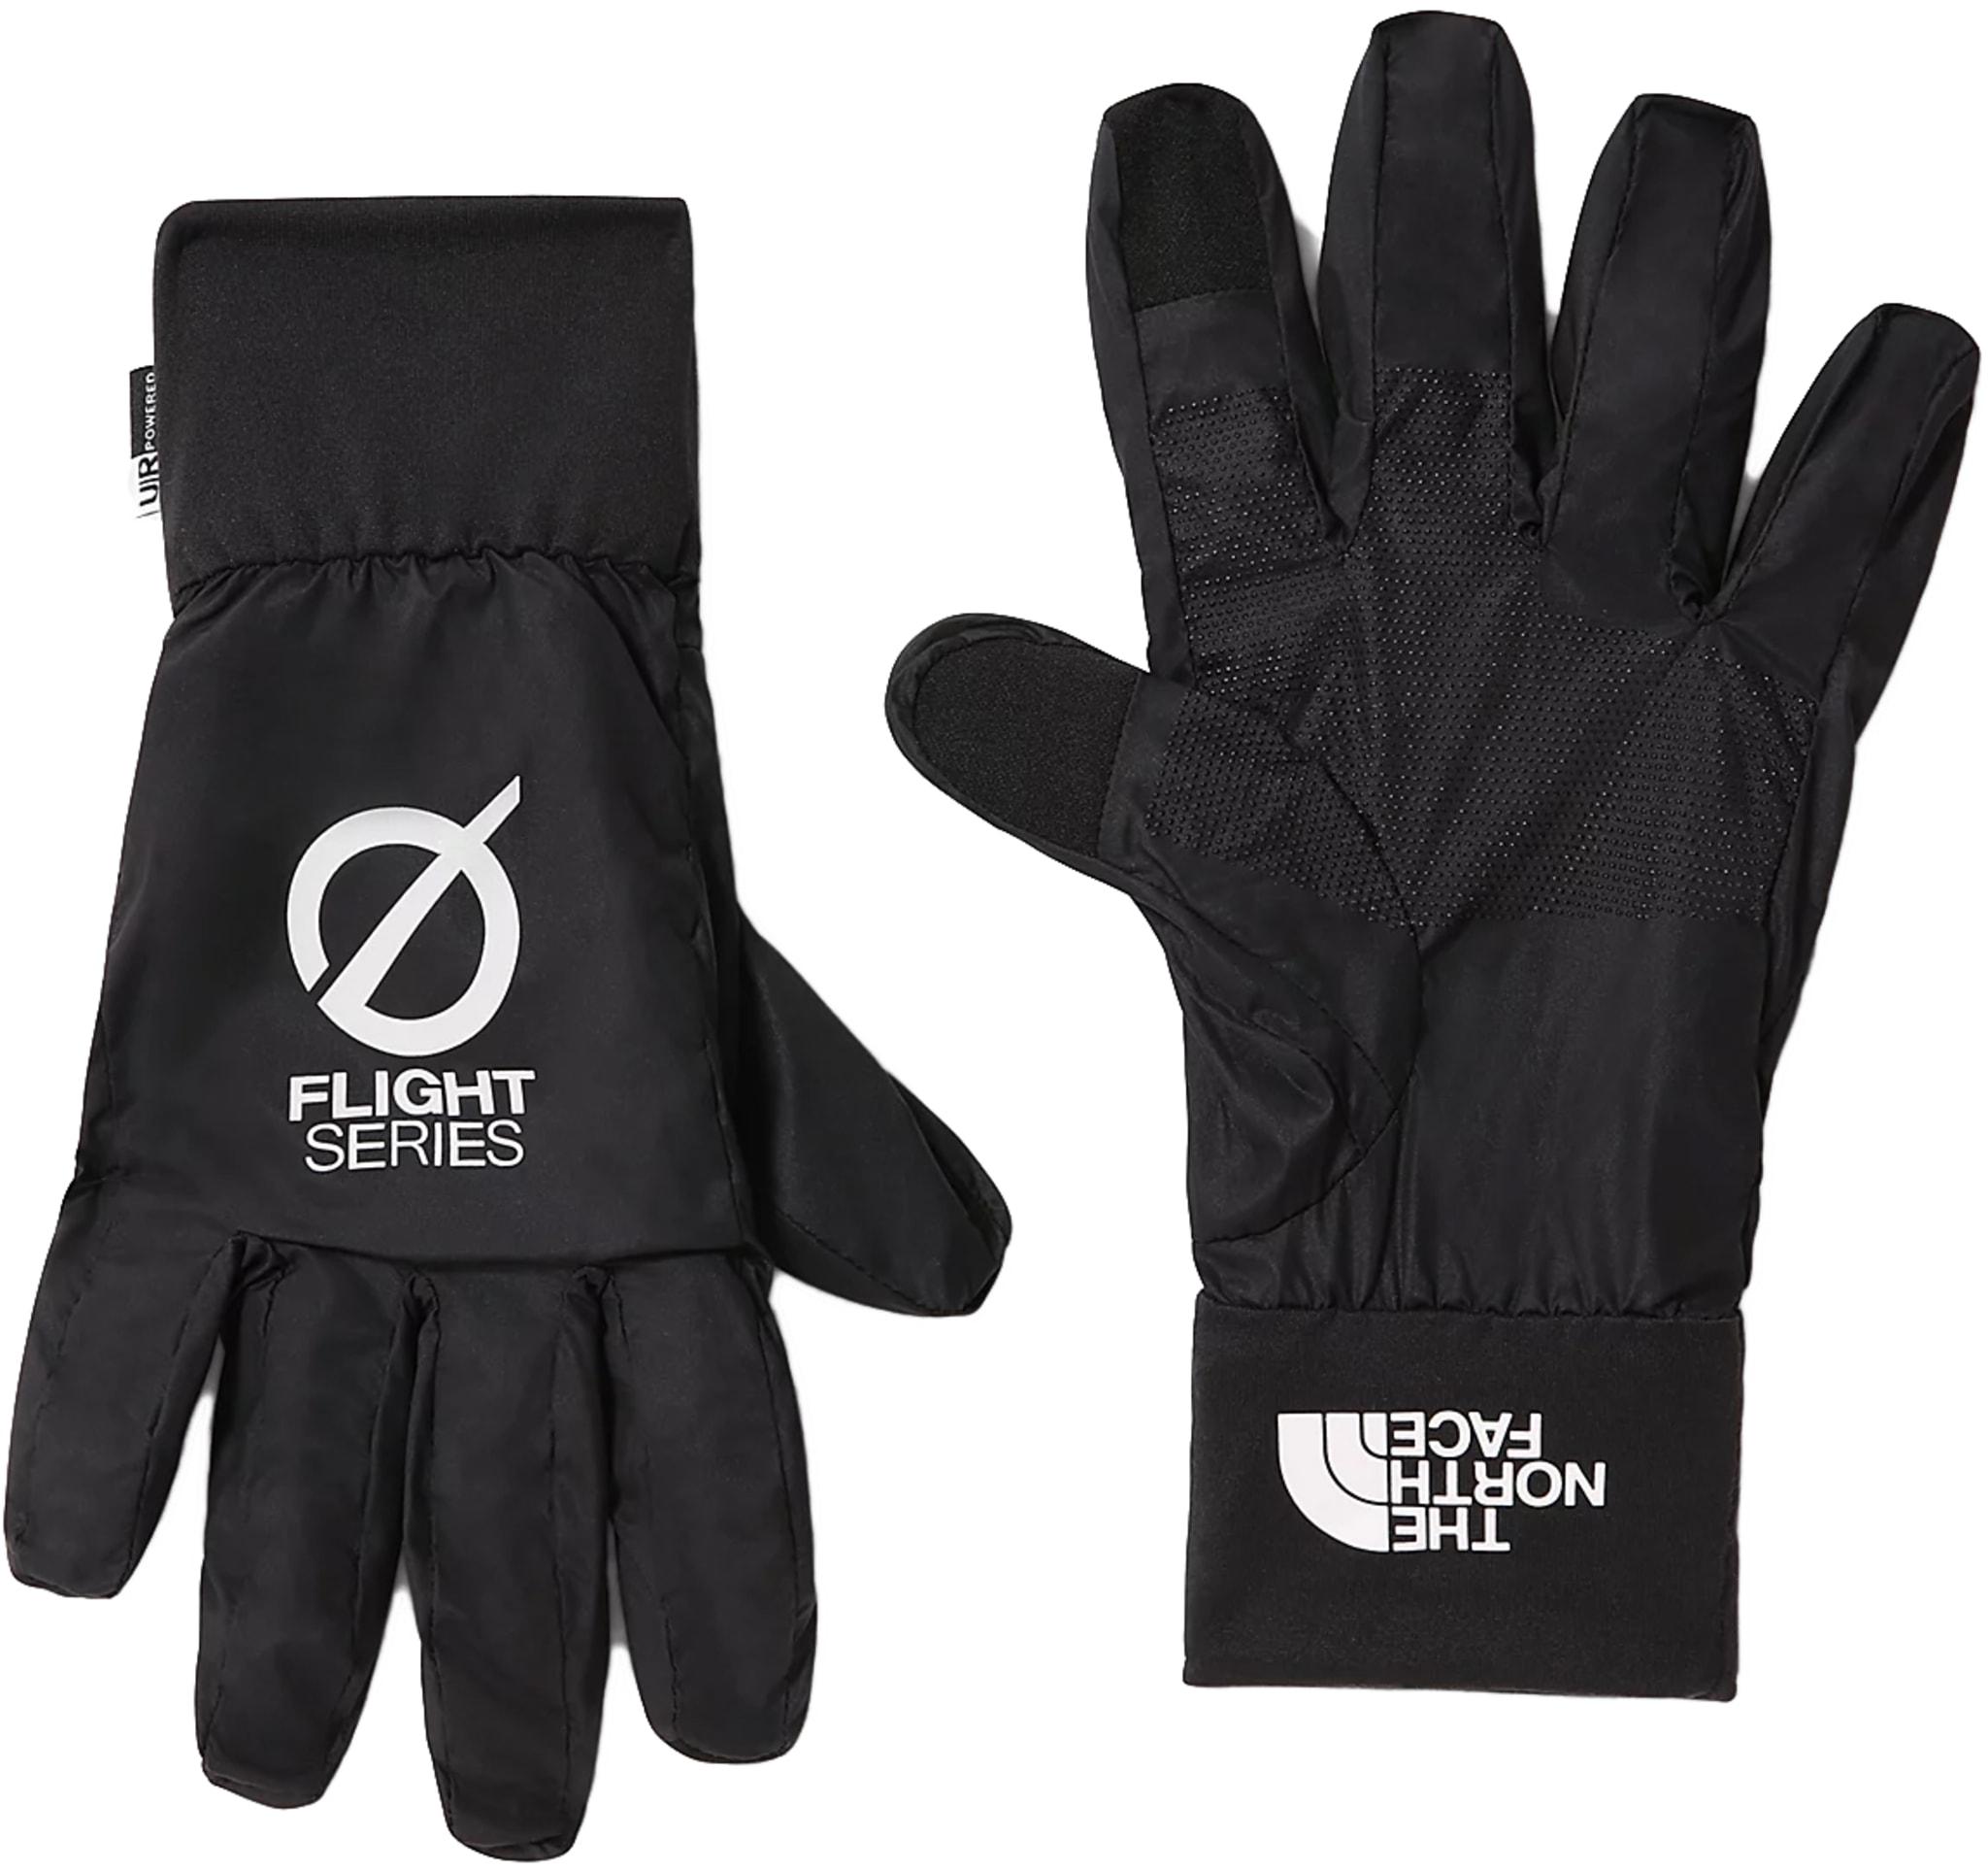 Flight Glove